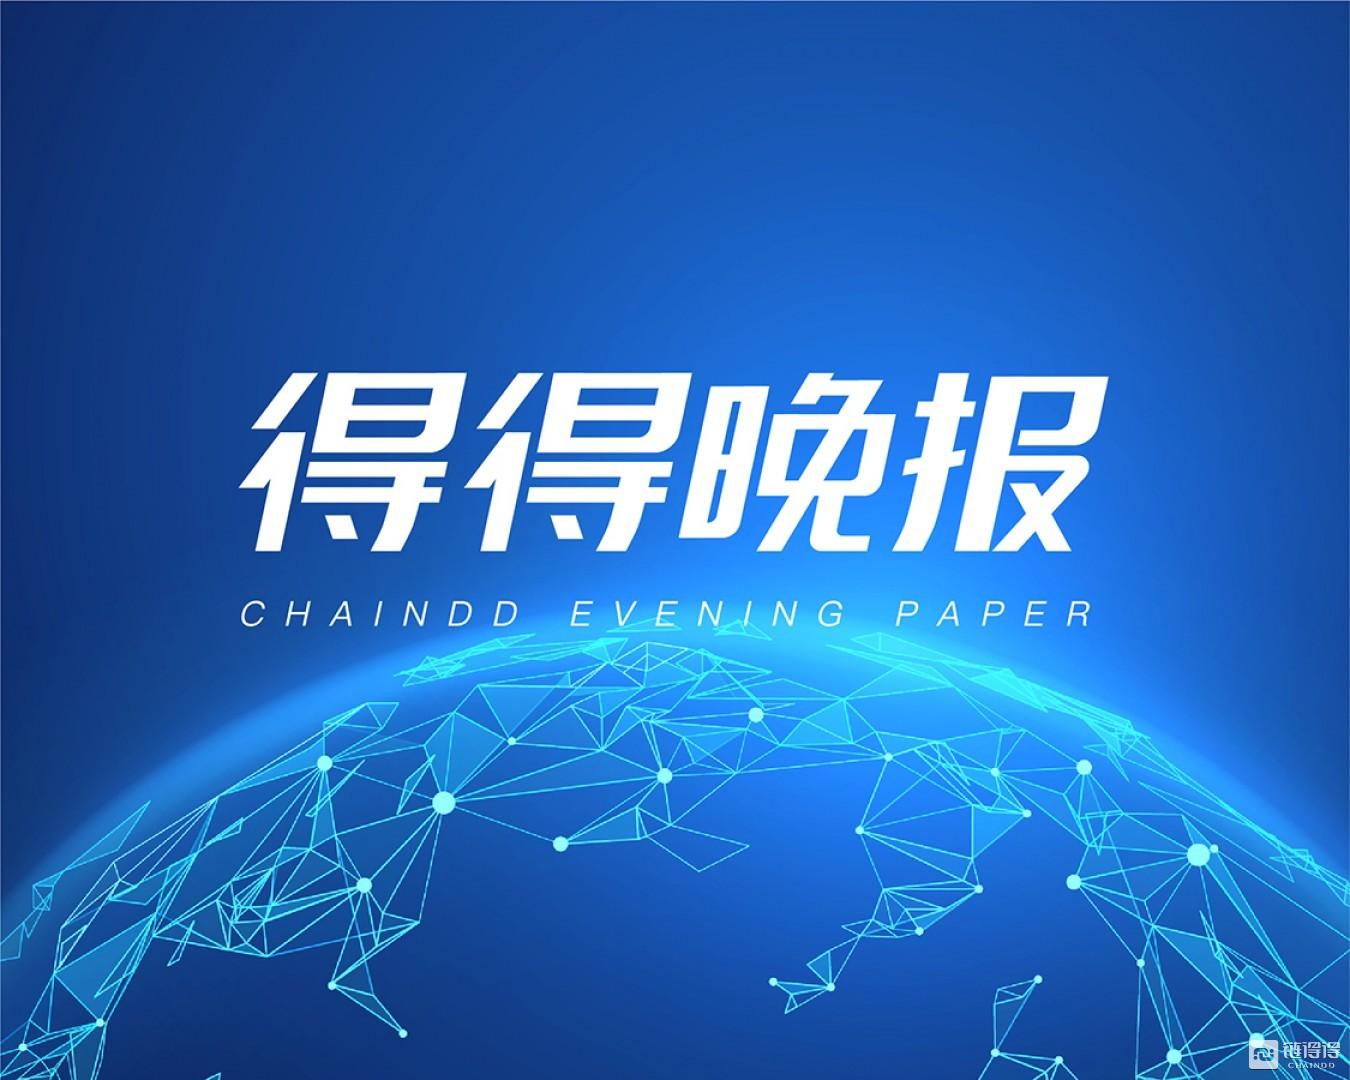 【链得得晚报】港交所李小加:港交所将在三年里善用区块链等技术